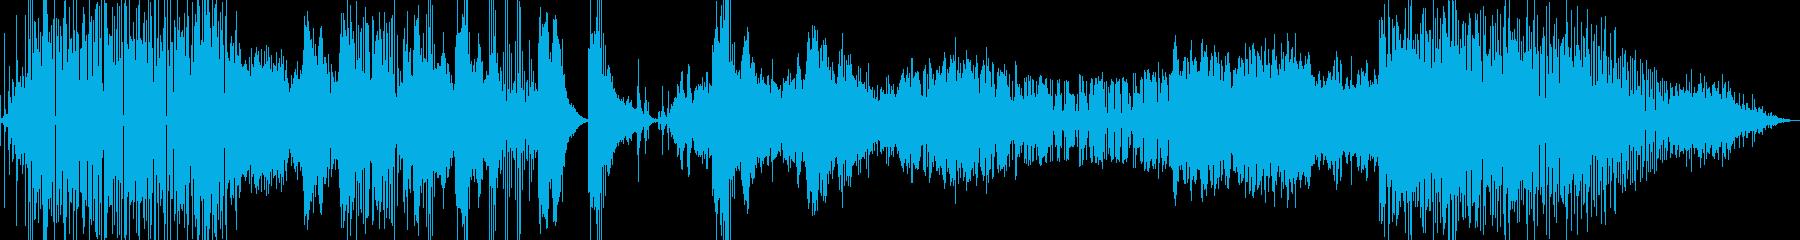 少しダークなエレクトロ クラブミュージ…の再生済みの波形